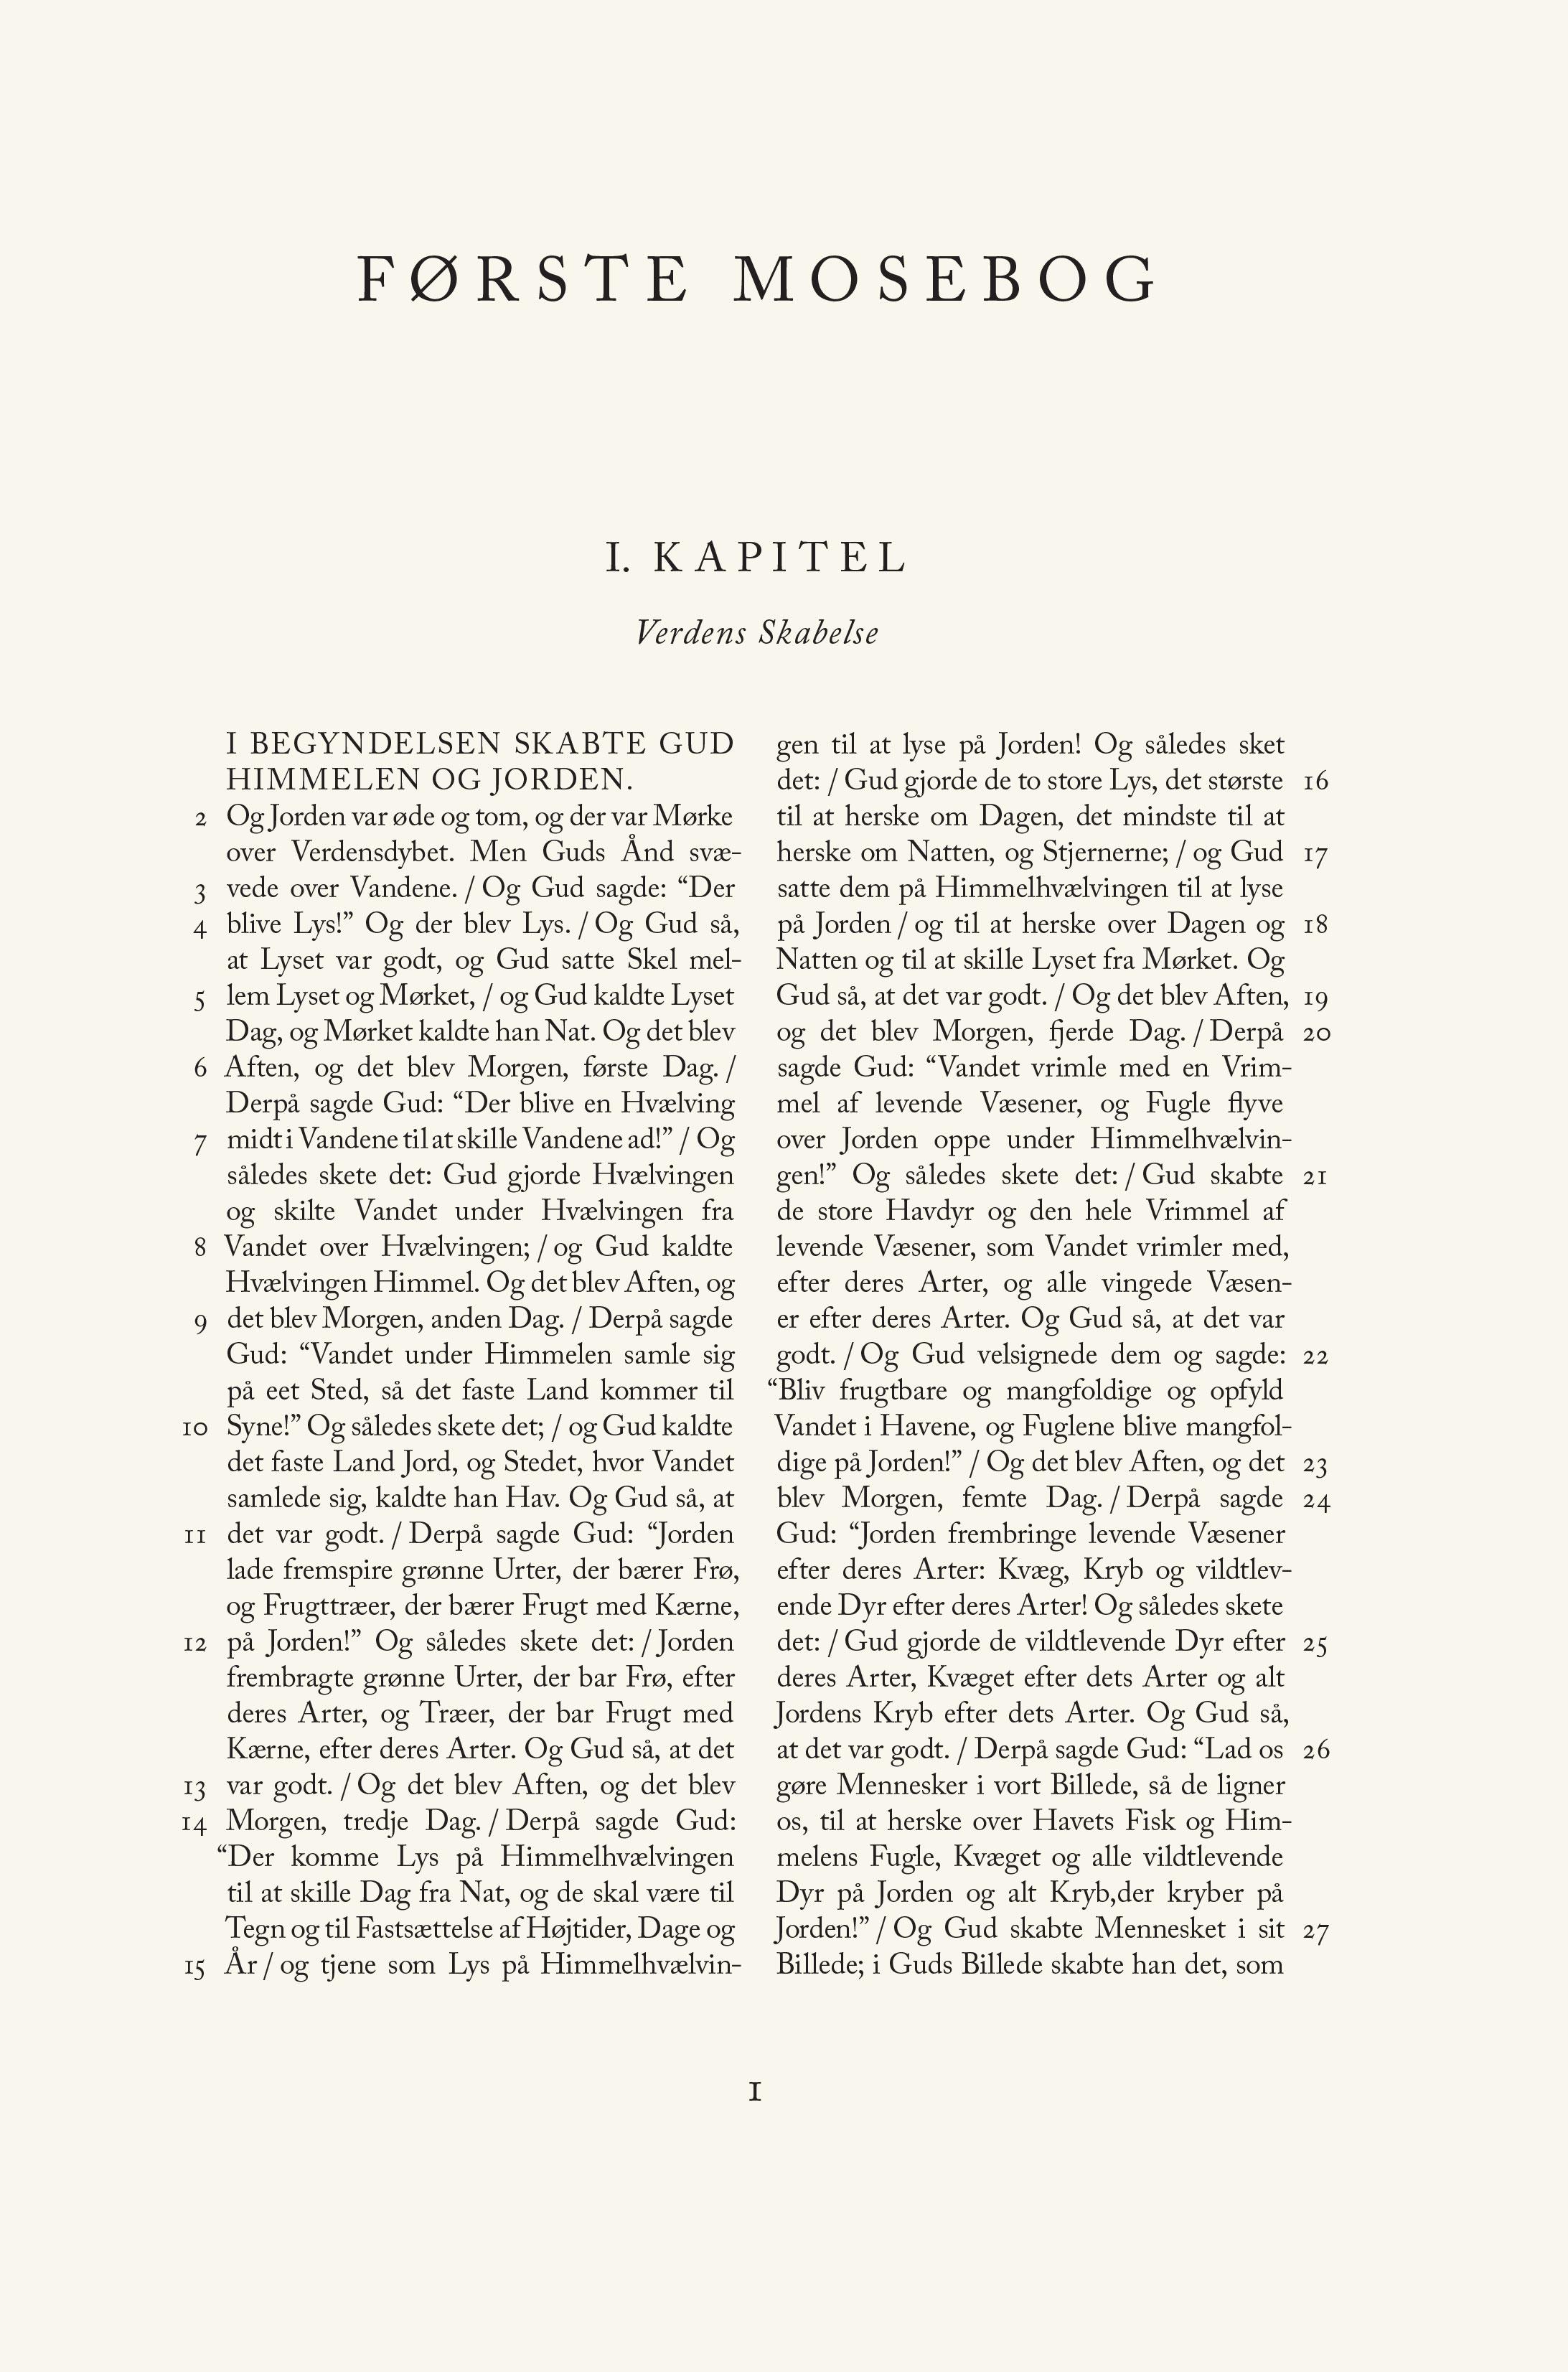 VIGGO NAAE  Copenhagen, Denmark, 1955  Caslon  18.5 X 28 cm  Letterpress  Liber Librorum Collection